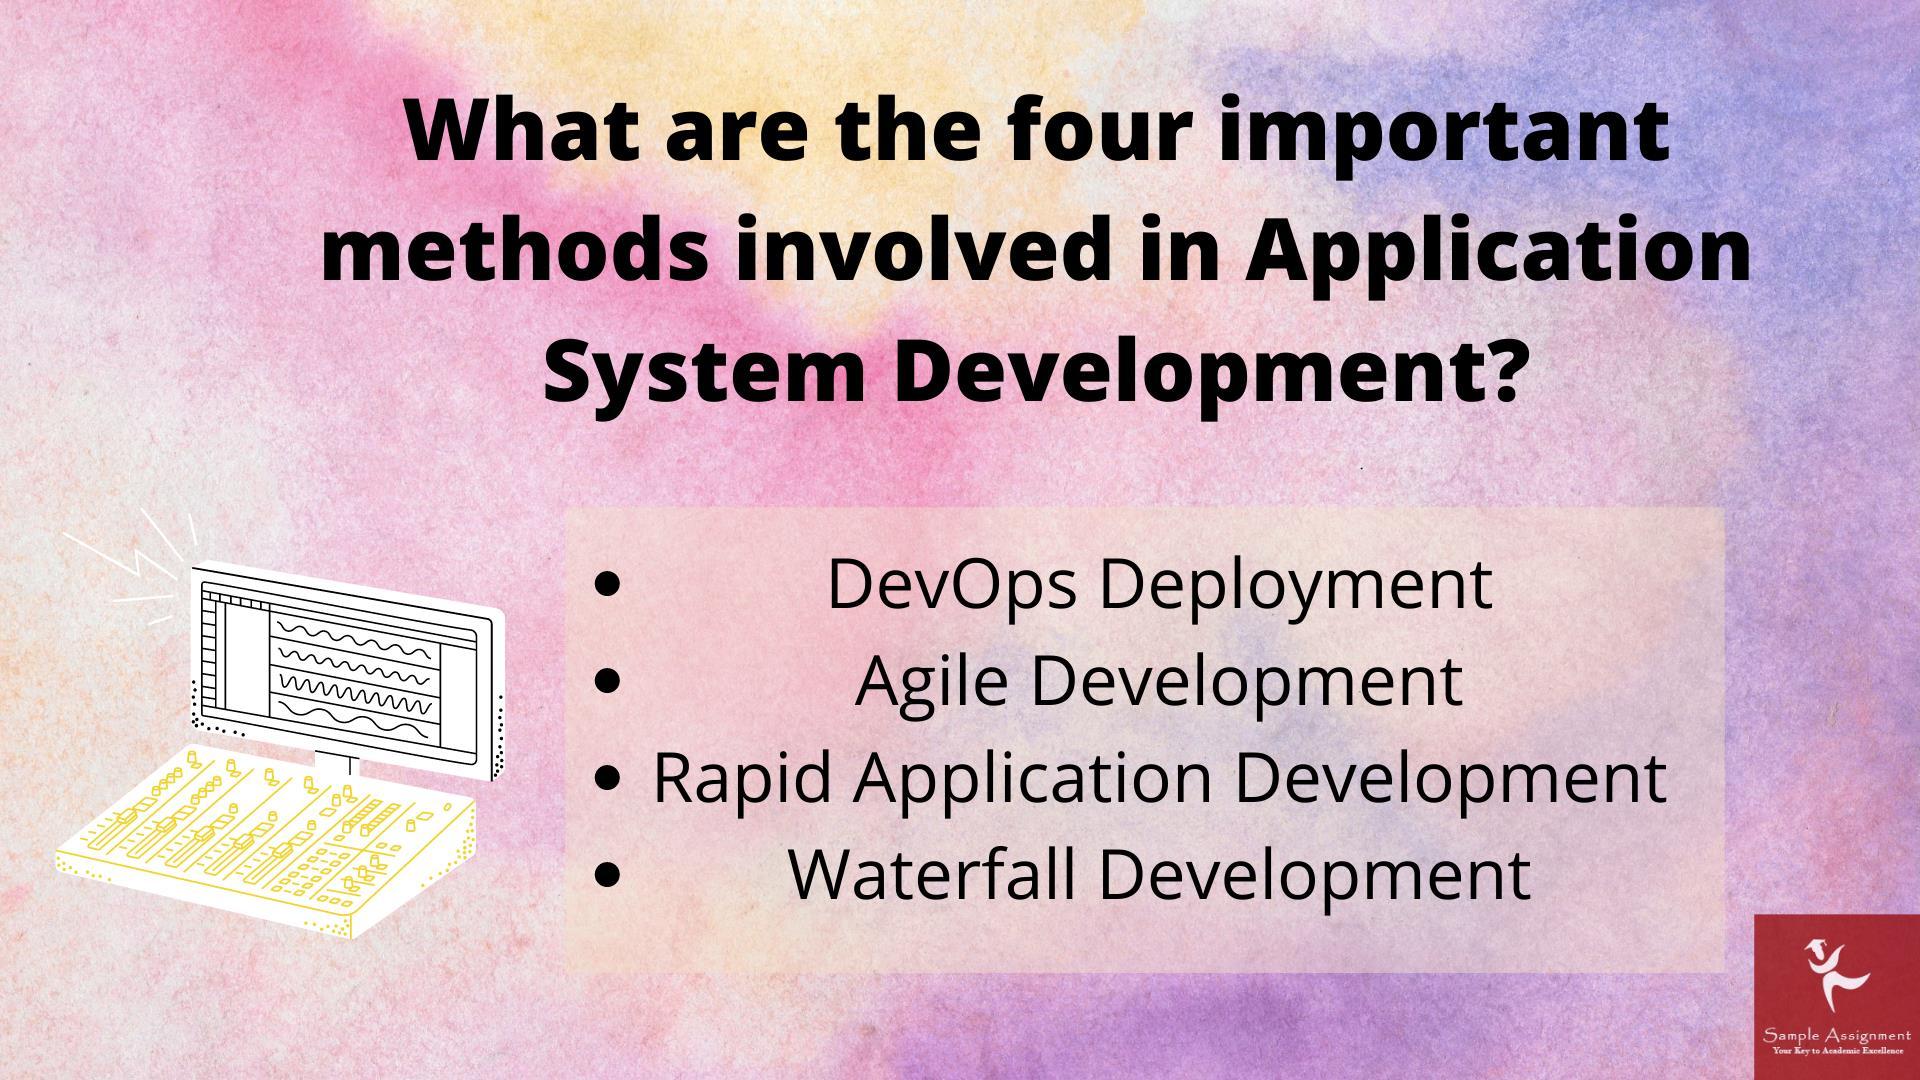 application system development assignment help